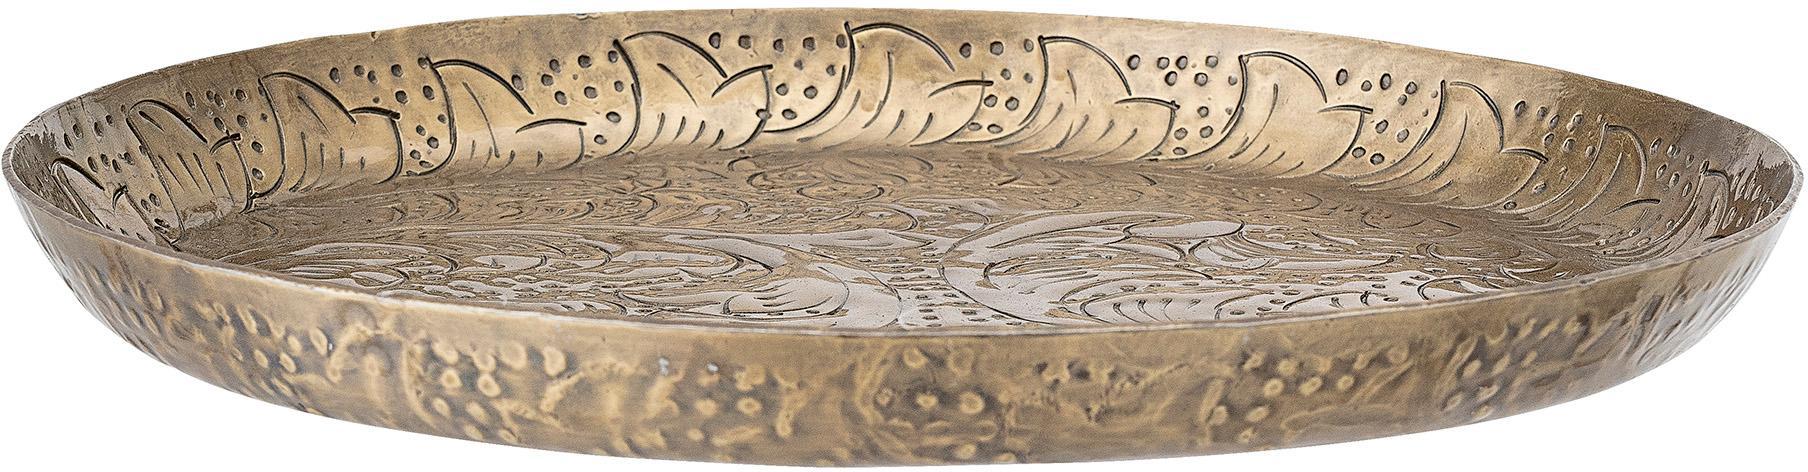 Taca dekoracyjna Gardenia, Aluminium powlekane, Odcienie mosiądzu, Ø 32 x W 3 cm